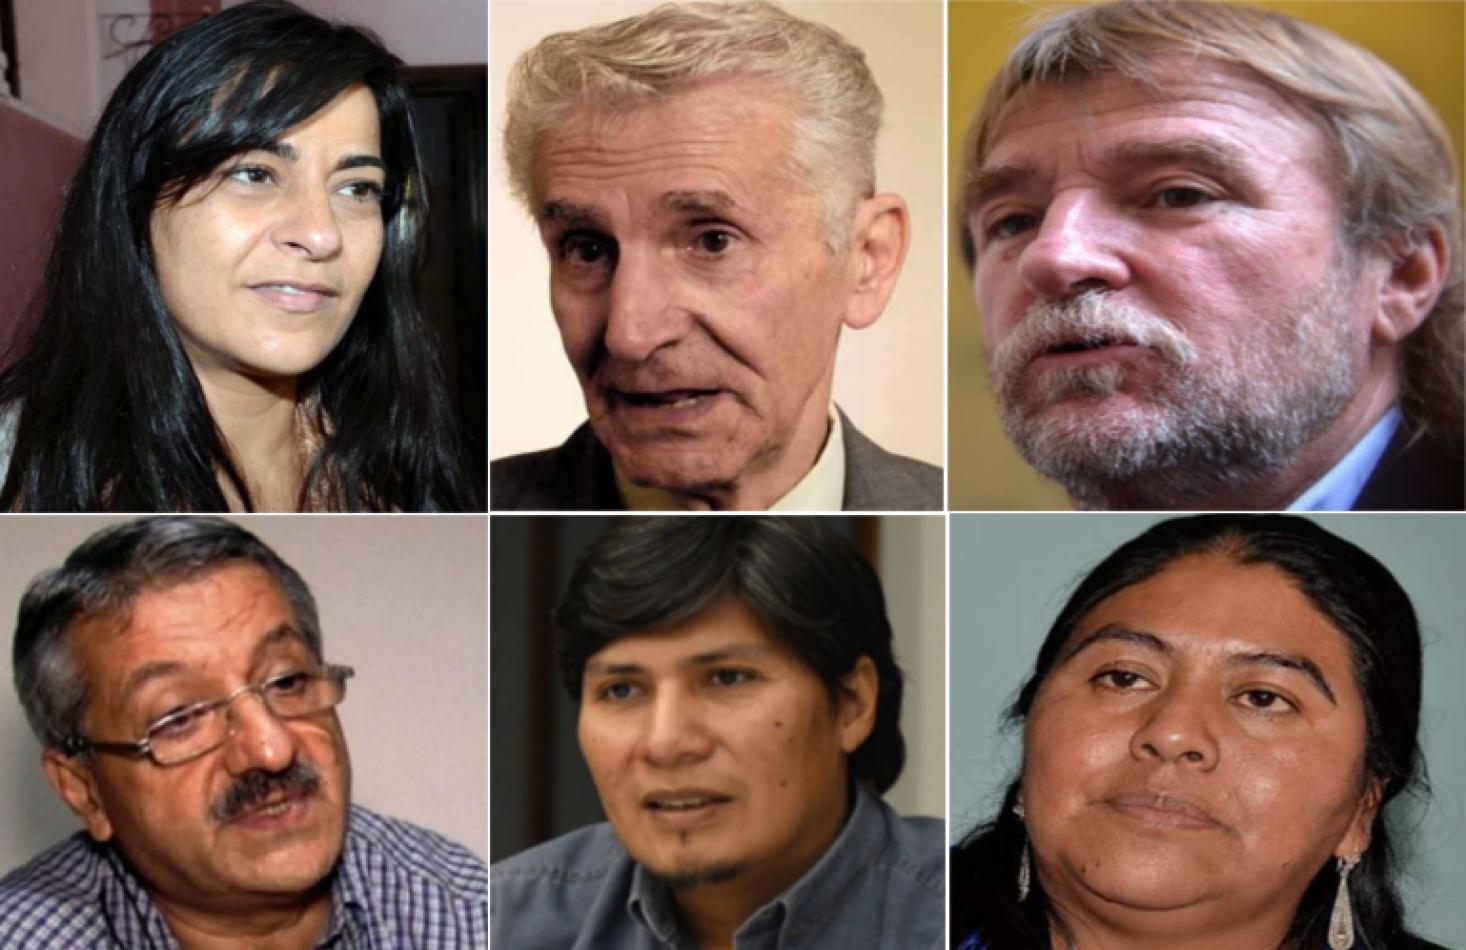 Se juega la interna peronista en las PASO y la visita de Macri no suma votos al oficialismo jujeño